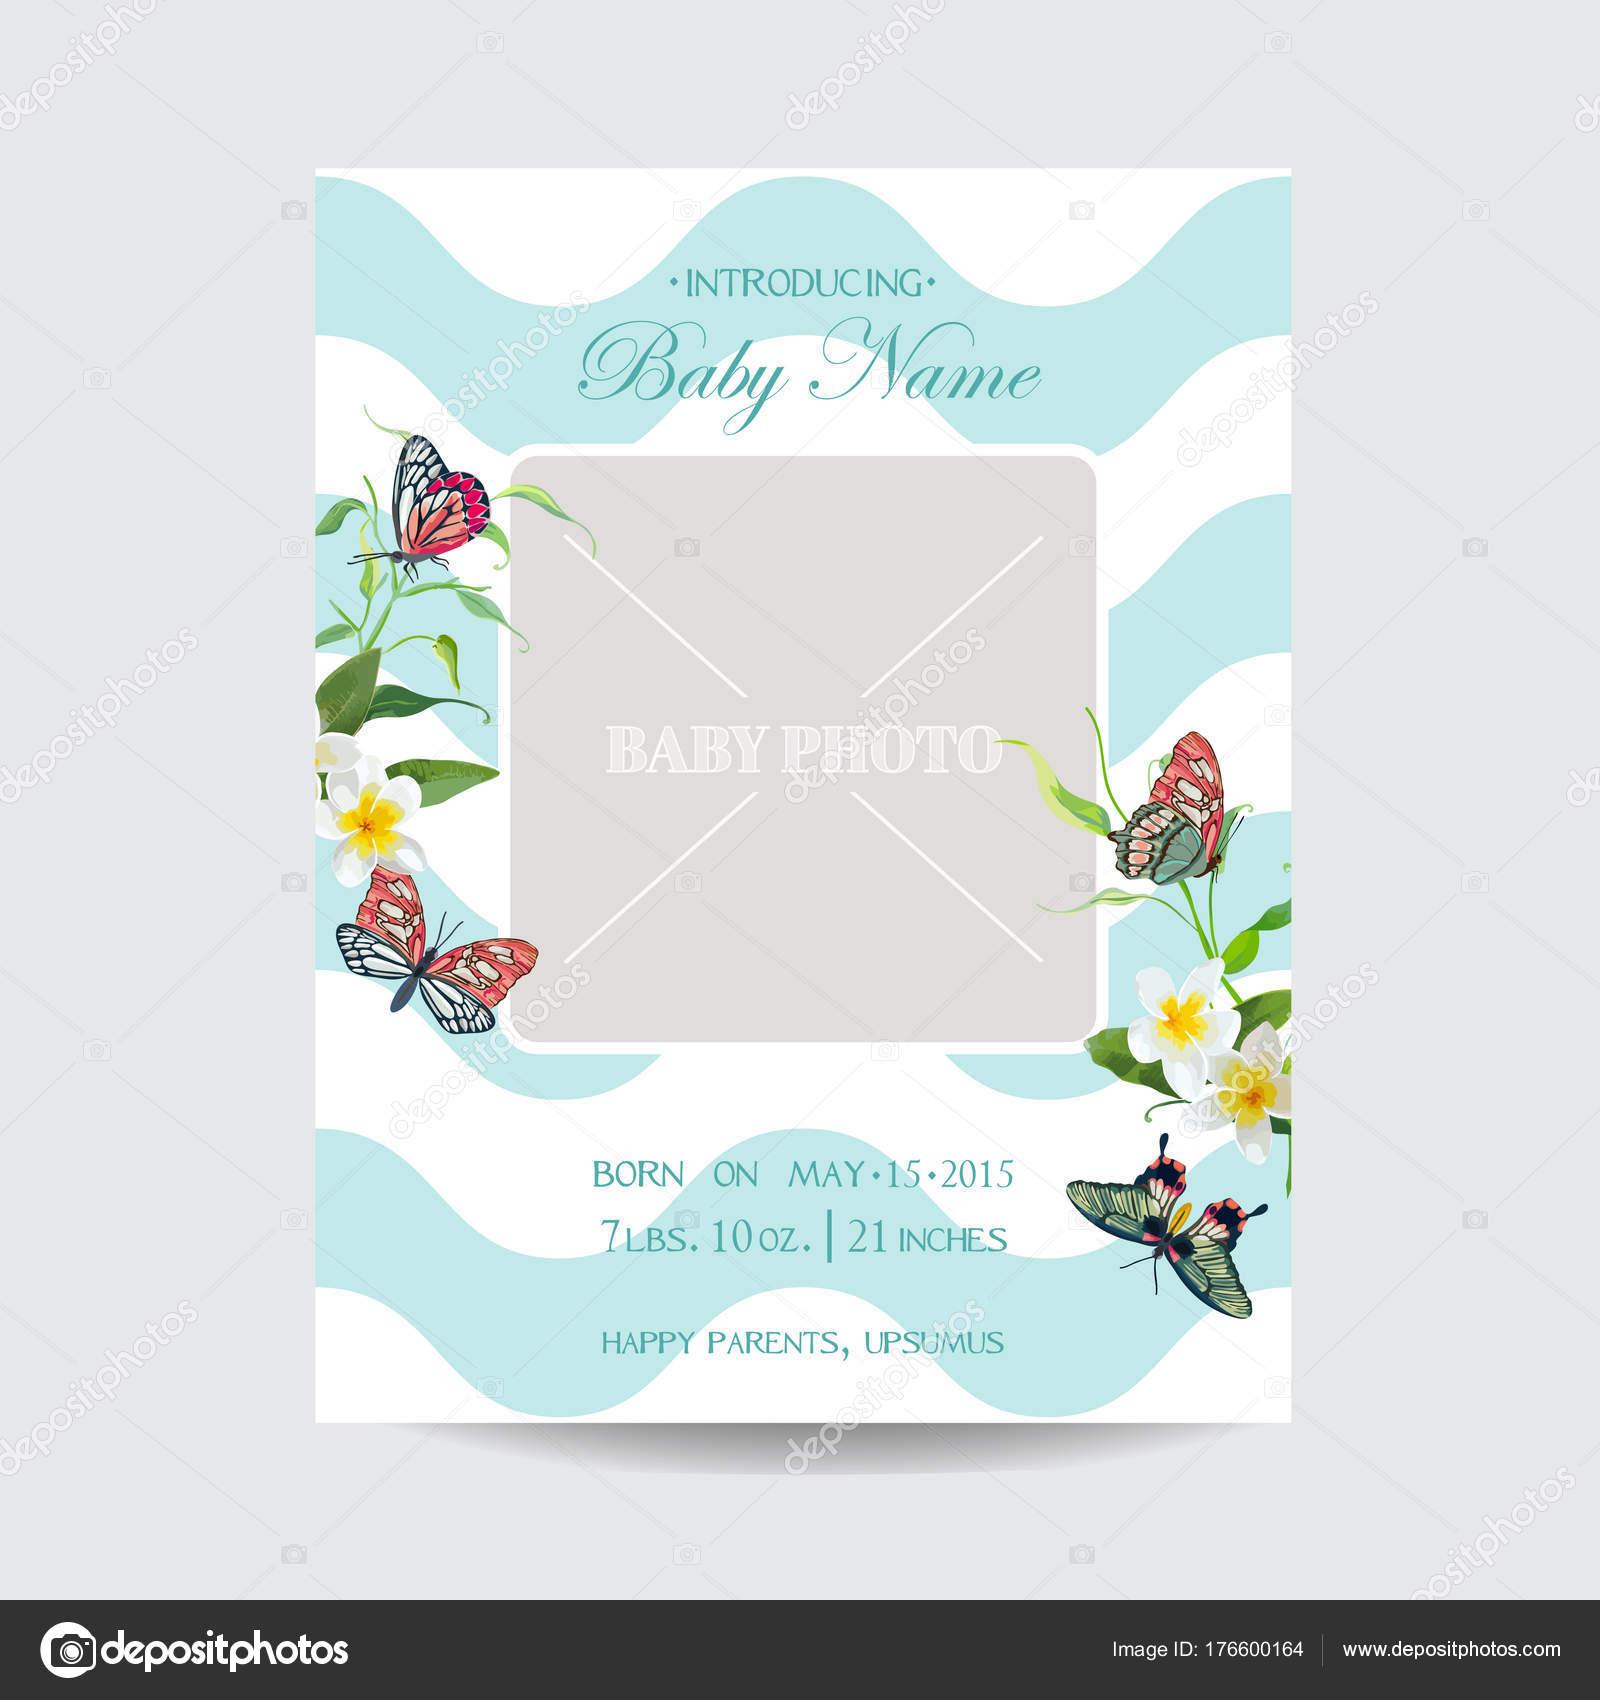 Baby Blumen Einreisekarte mit Schmetterlingen und Blumen. Einladung ...